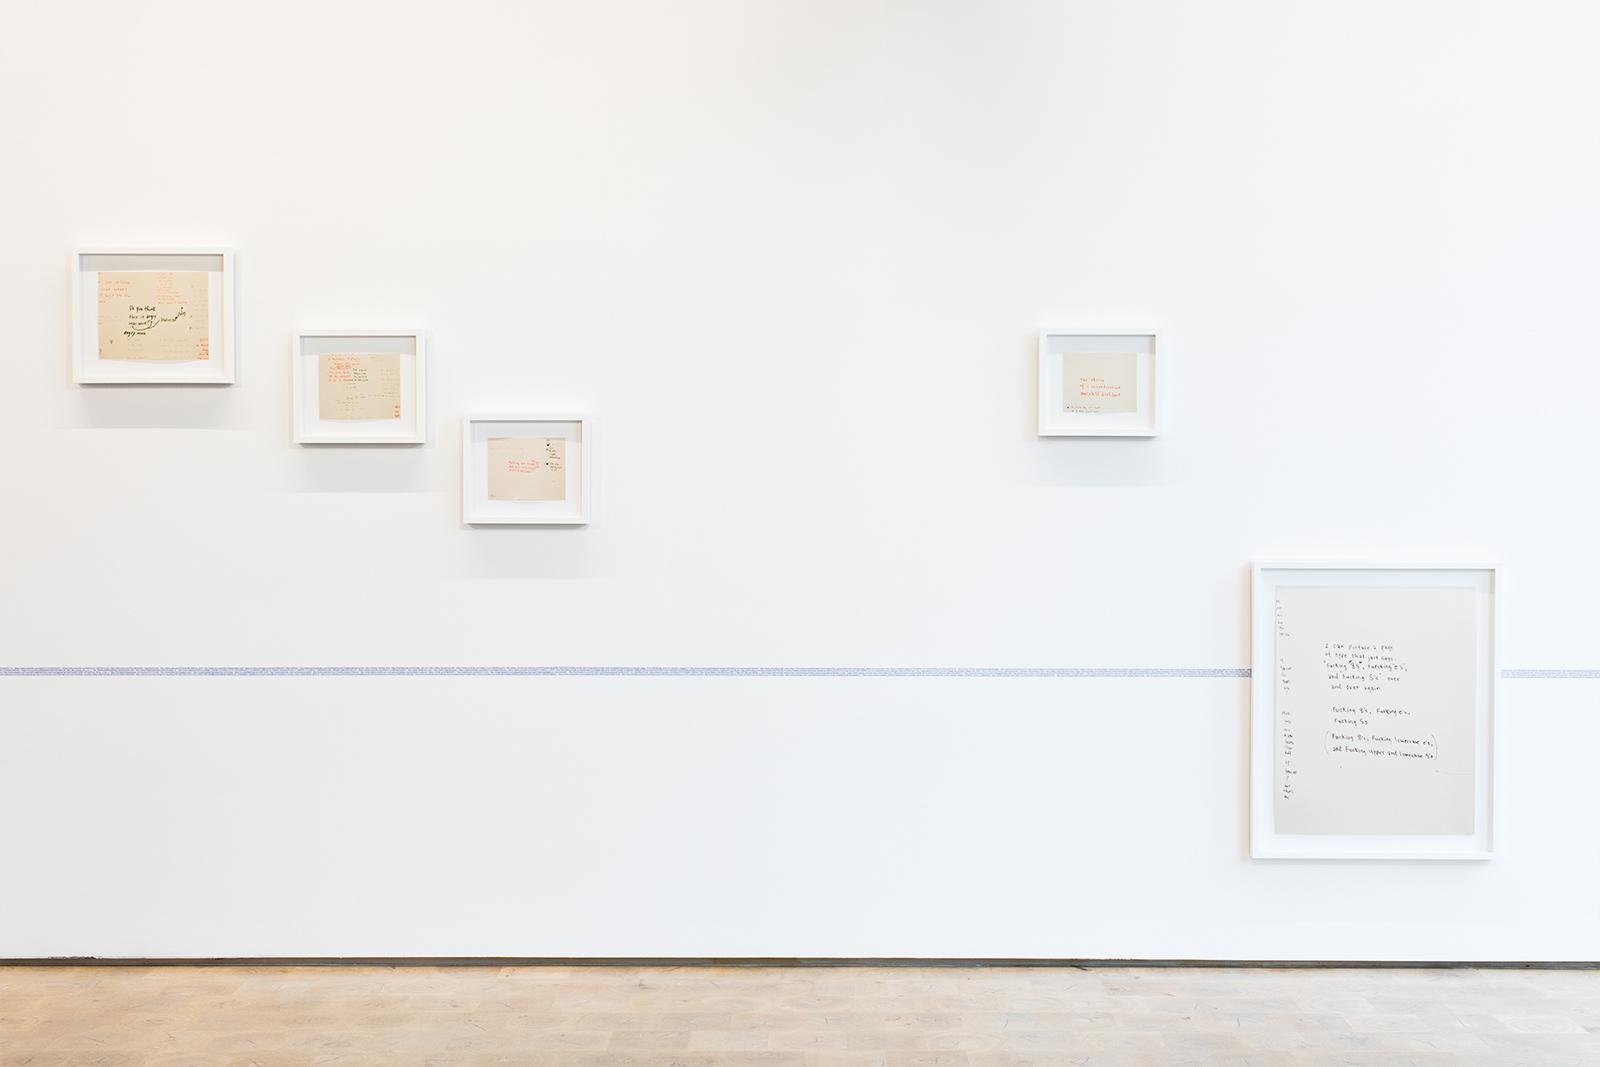 Union-gallery-matthewsontheimer003